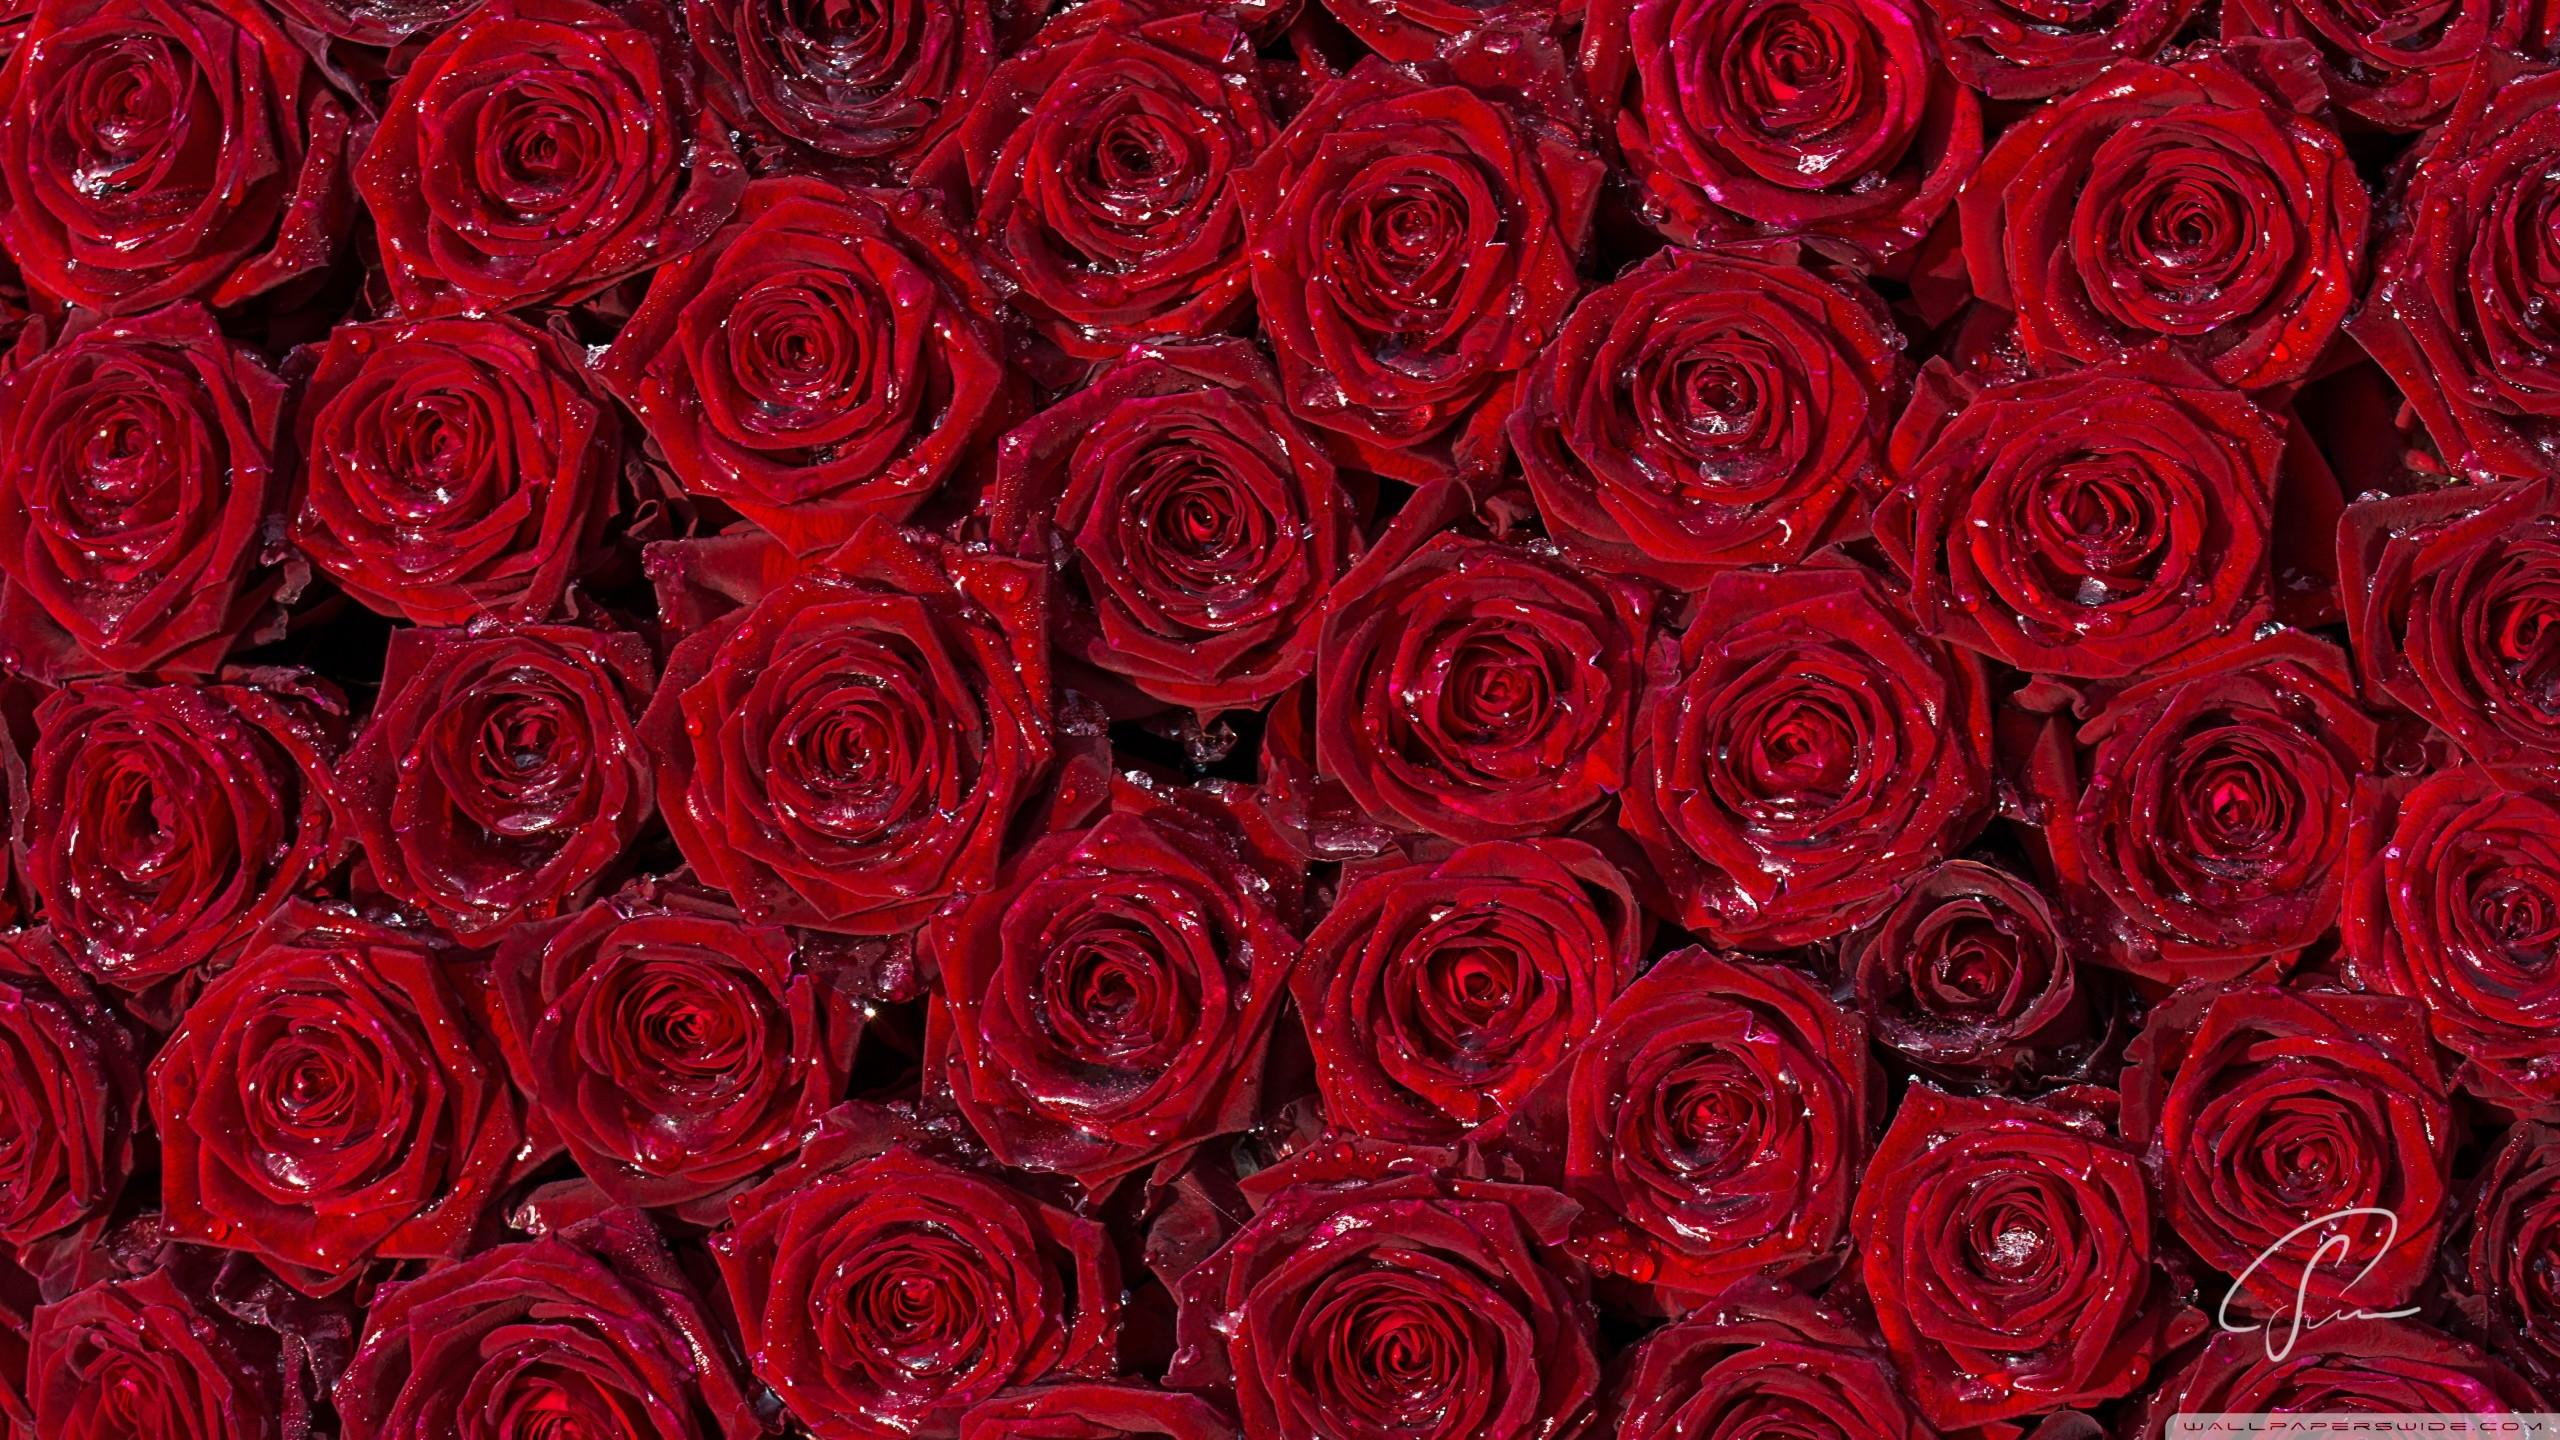 Iphone 5 Wallpaper Floral Die 72 Besten Schwarze Rosen Hintergrundbilder